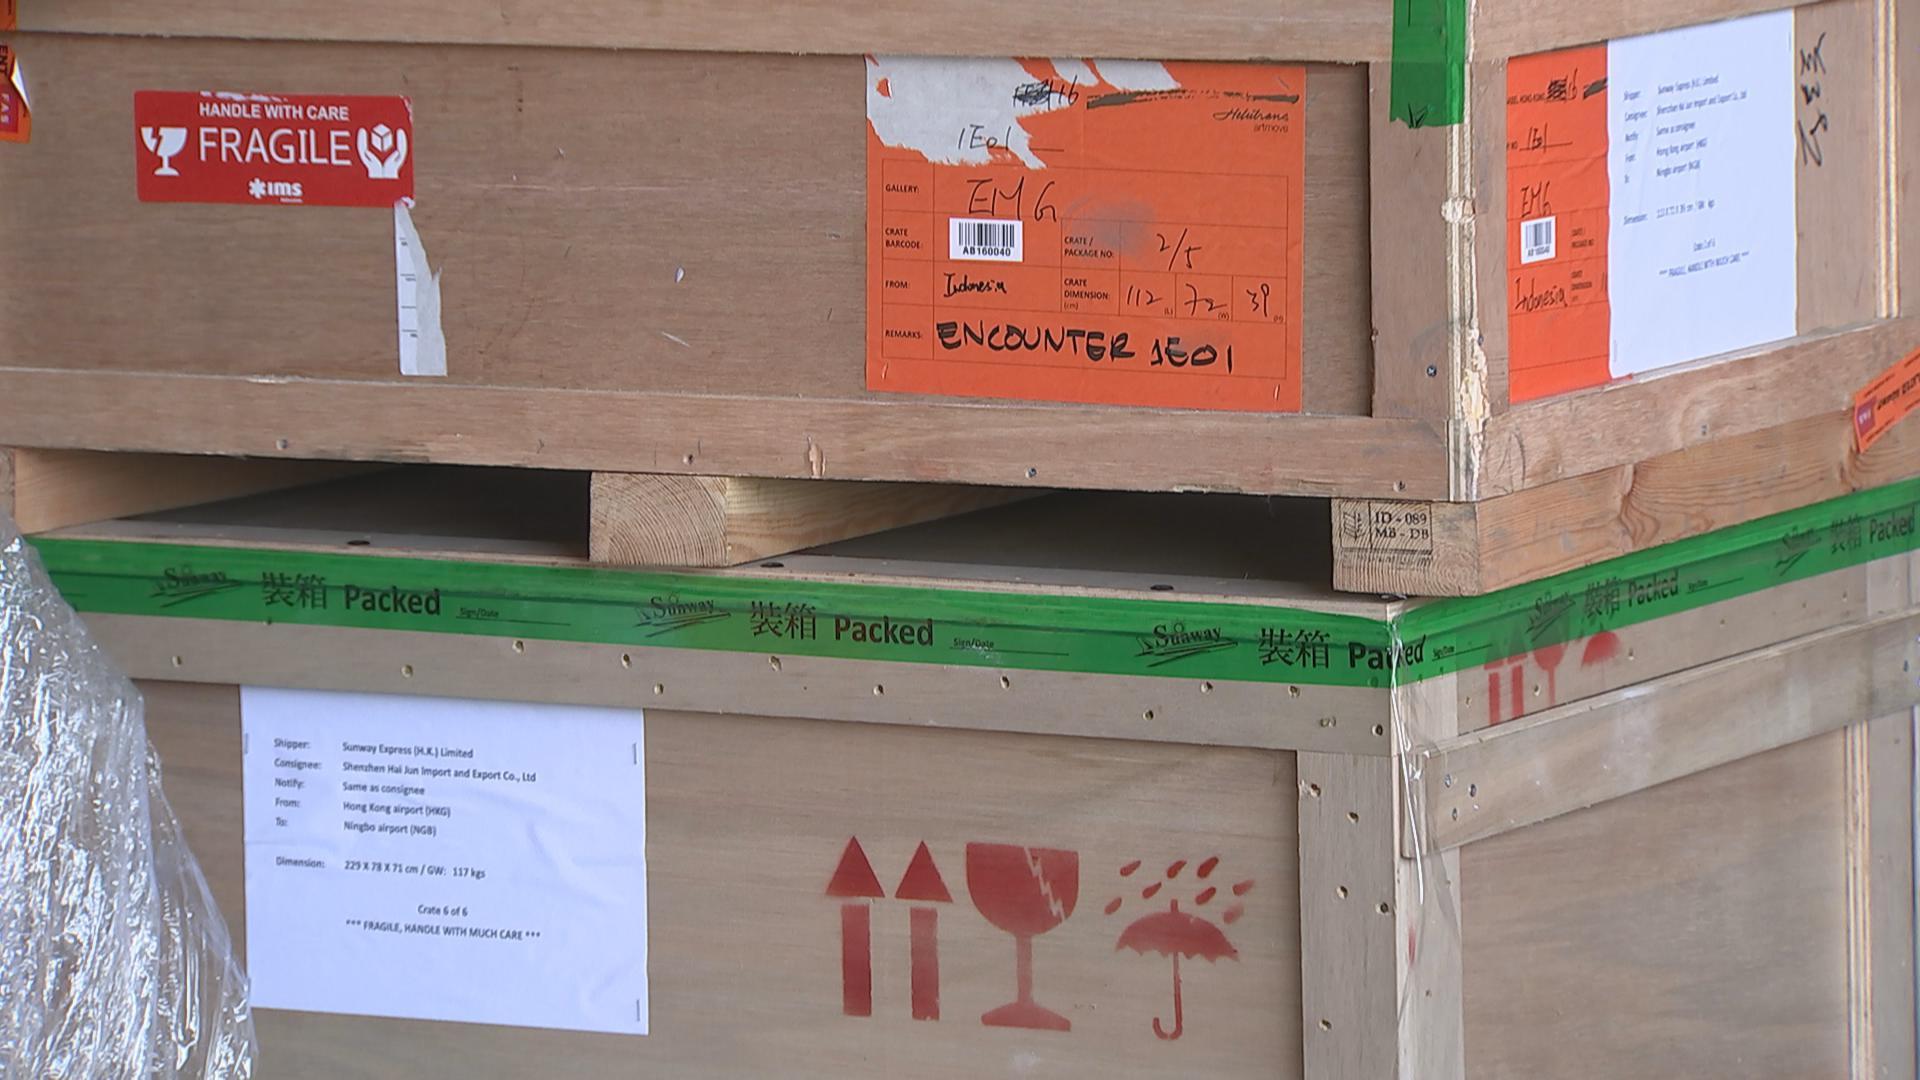 第十五届亚洲艺术节首批入境展品抵甬 来自印度尼西亚